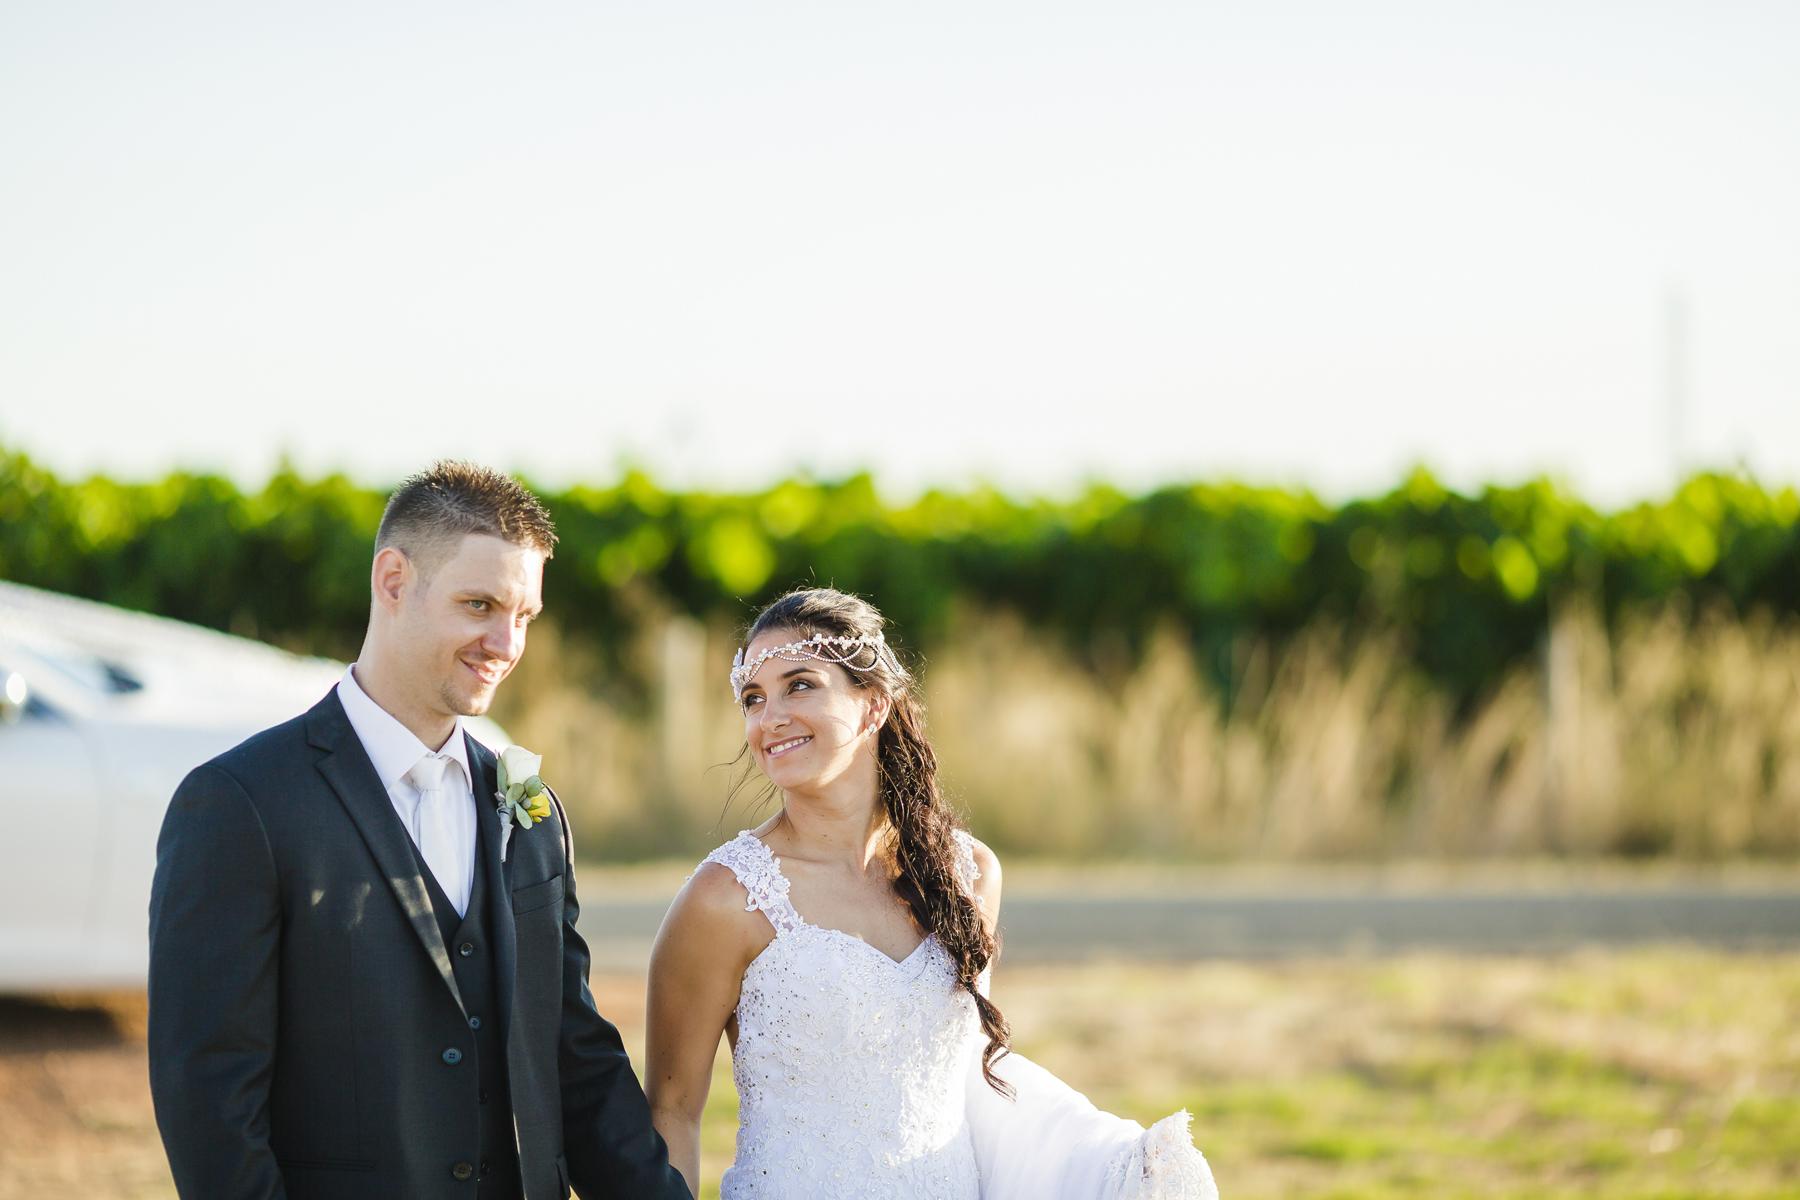 Wedding Photography Caversham House